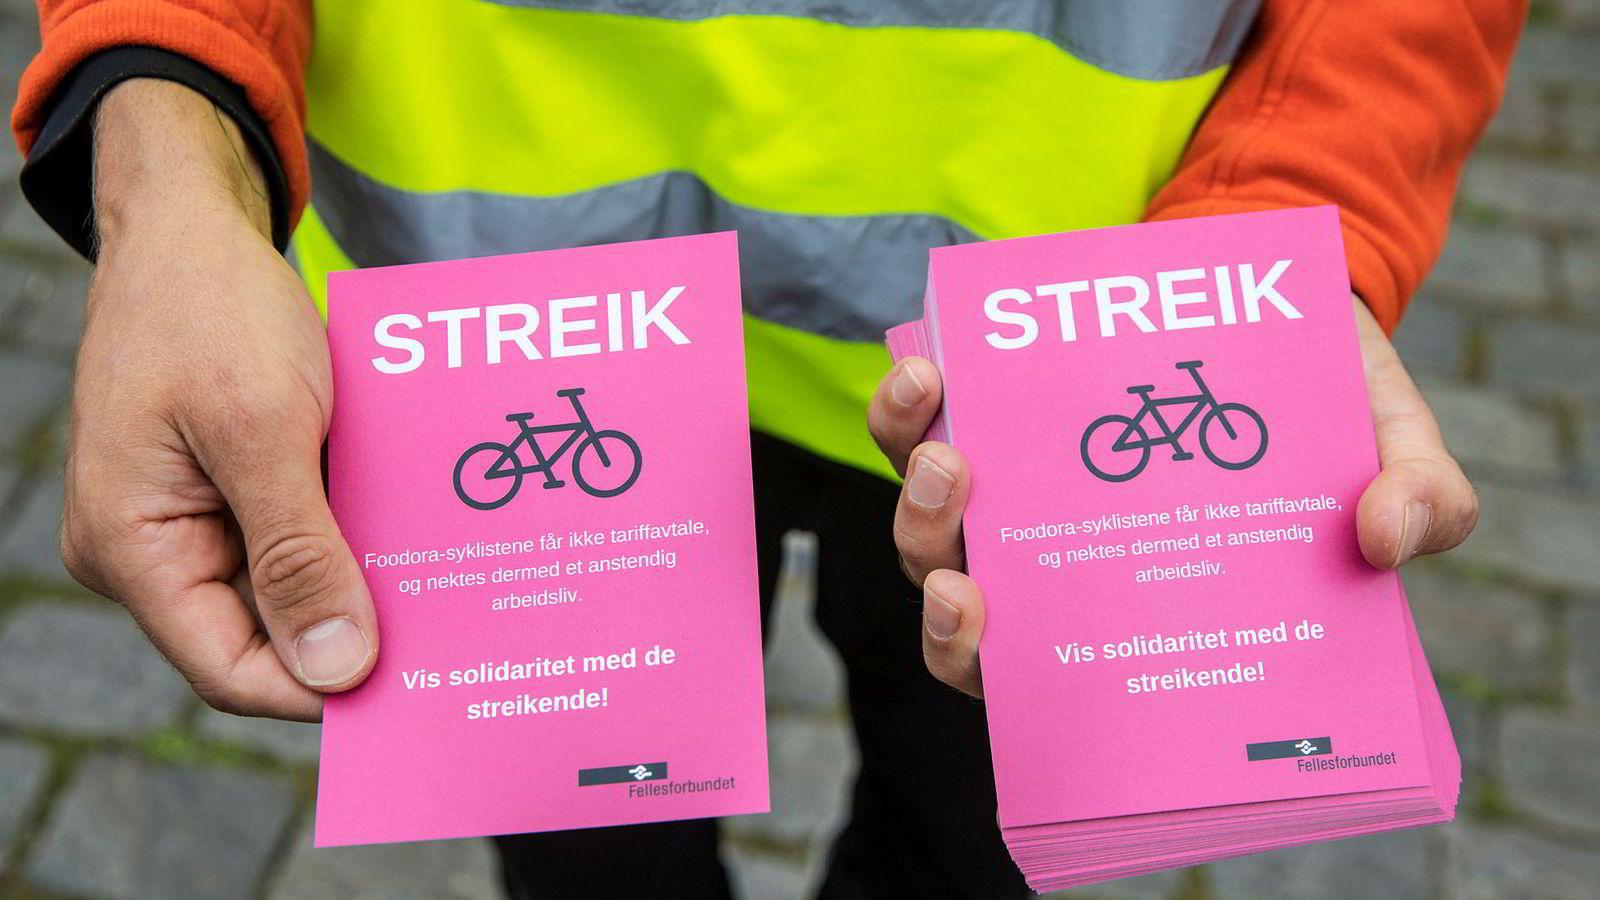 Oslosyklister i matleveringstjenesten Foodora streiket etter at selskapet og Fellesforbundet ikke klarte å bli enige om en tariffavtale.Foto: Ole Berg-Rusten / NTB scanpix